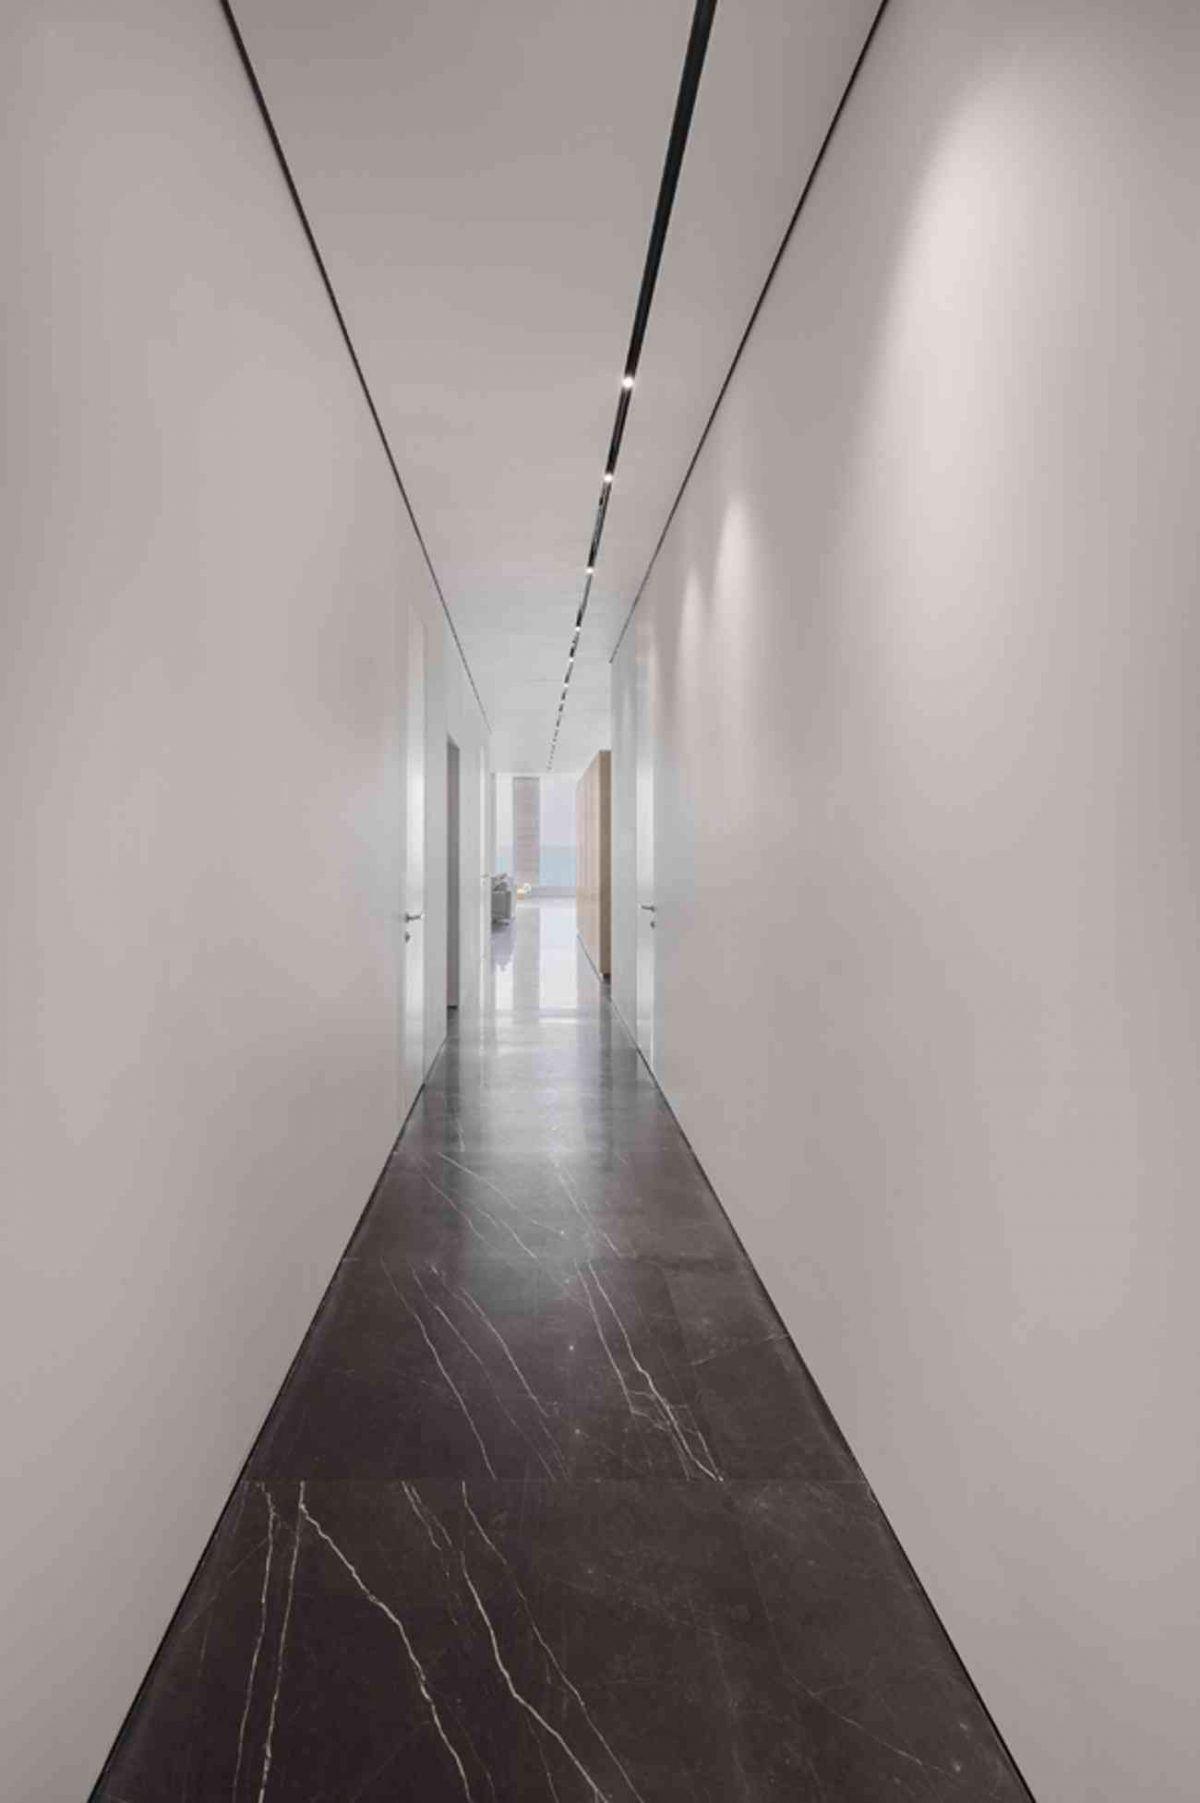 Vista – Netanya גוף תאורה בתקרה לכל אורך המסדרון נעשה על ידי קמחי תאורה